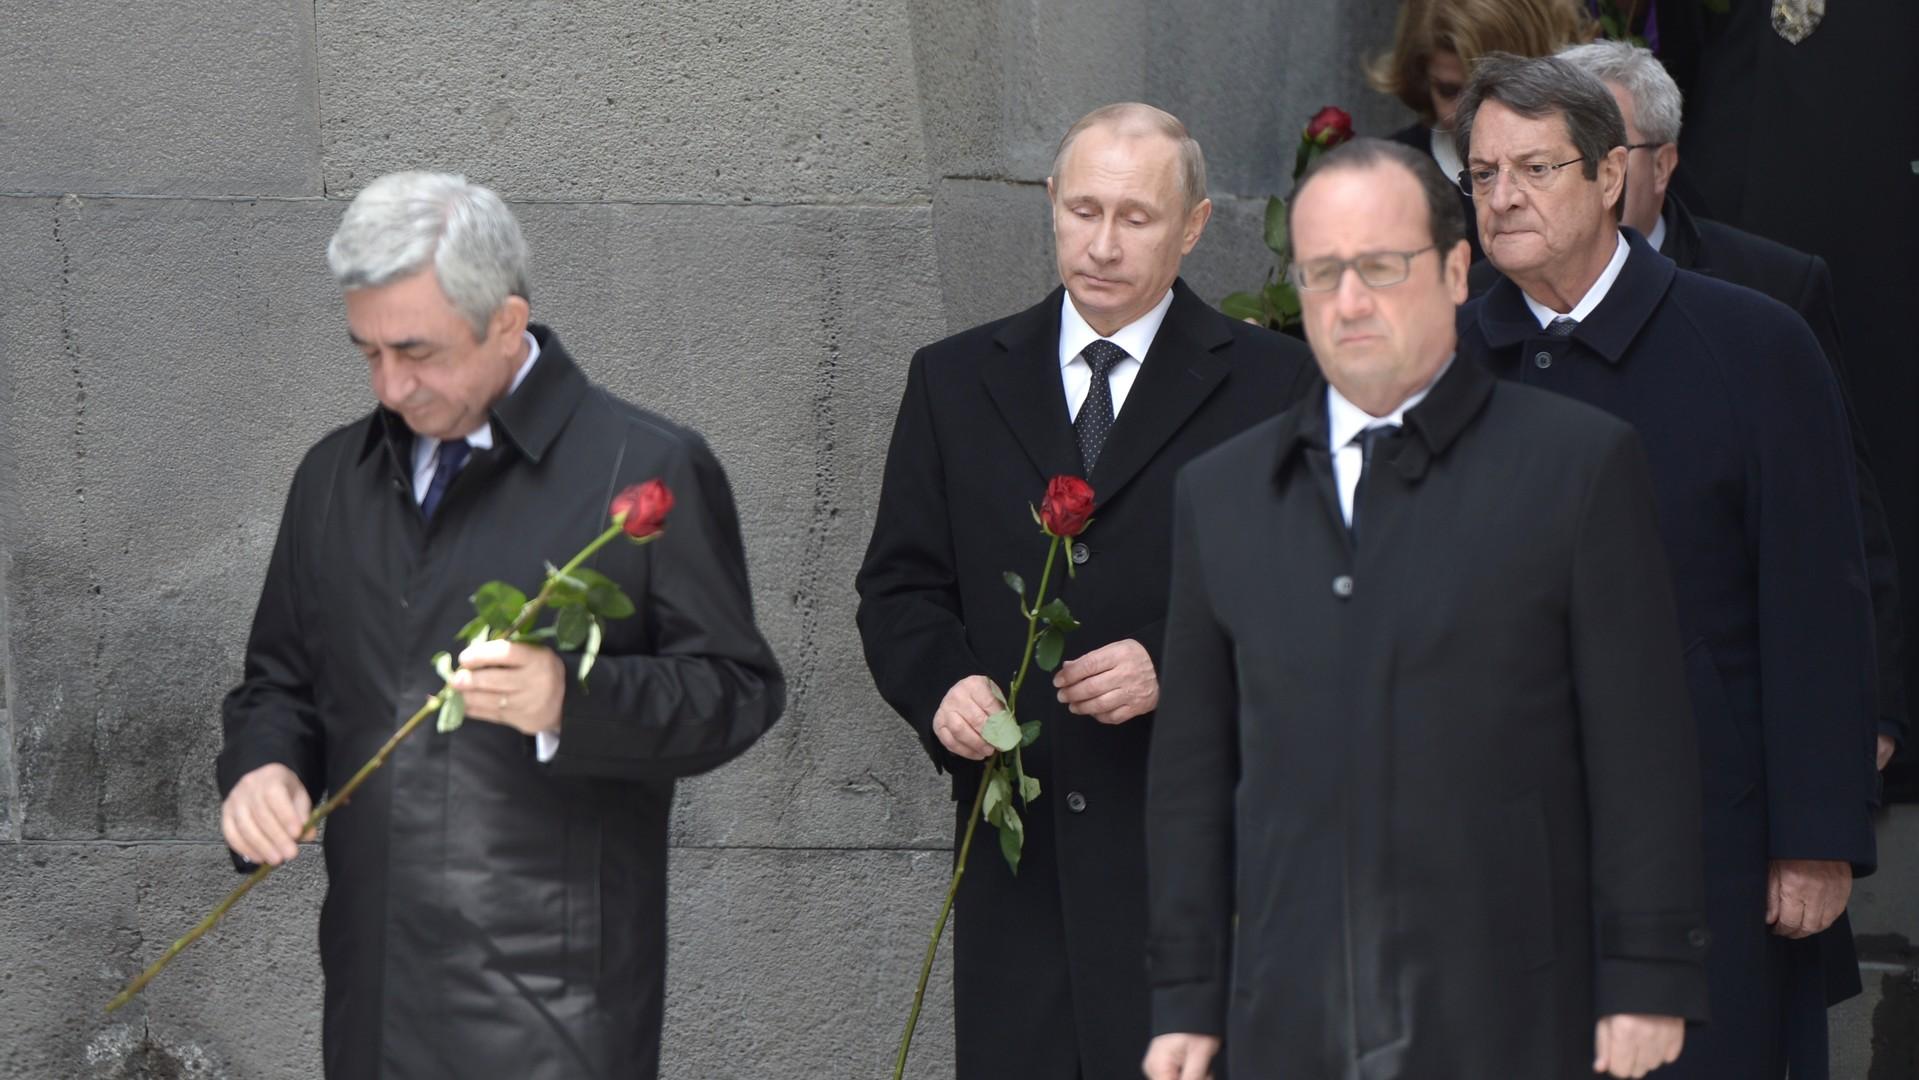 Les dirigeants déposent des fleurs au mémorial en l'honneur des victimes du génocide arménien